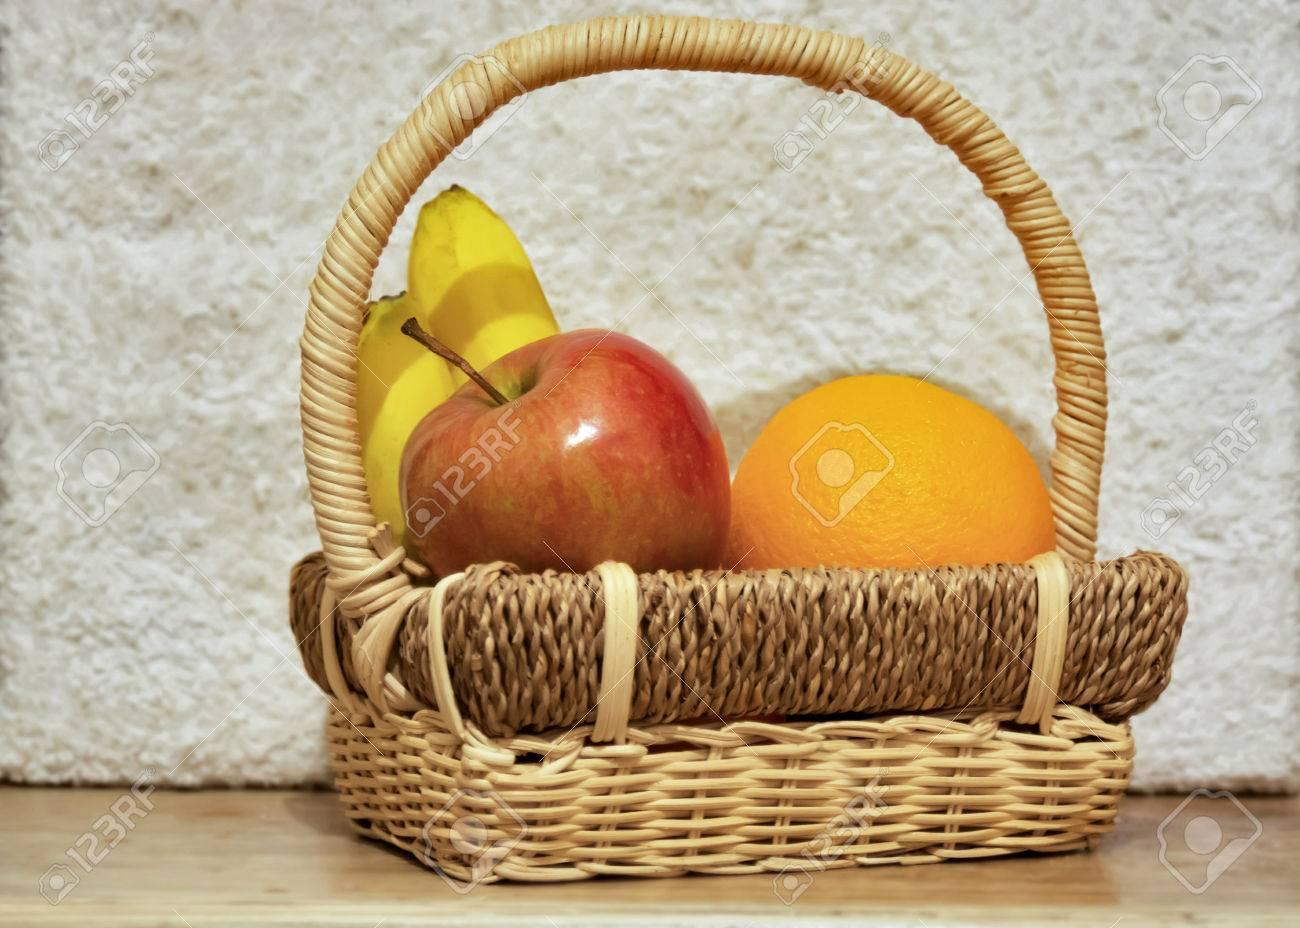 Schöne Früchte In Den Korb, Formen Und Farben Lizenzfreie Fotos ...